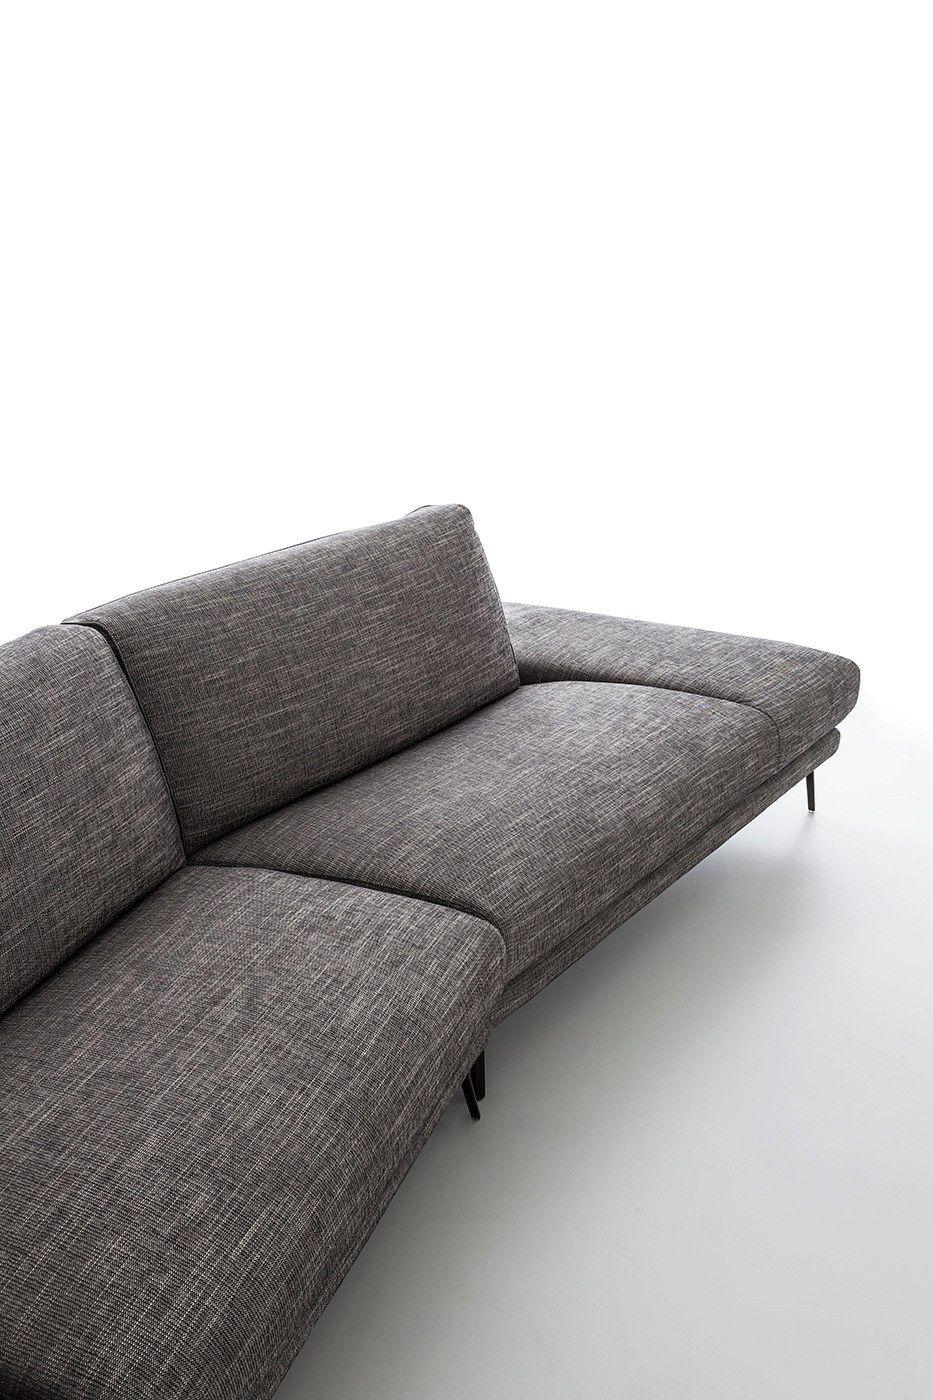 Bora Fabric Sofa By Nicoline Sofa Fabric Sofa Furniture